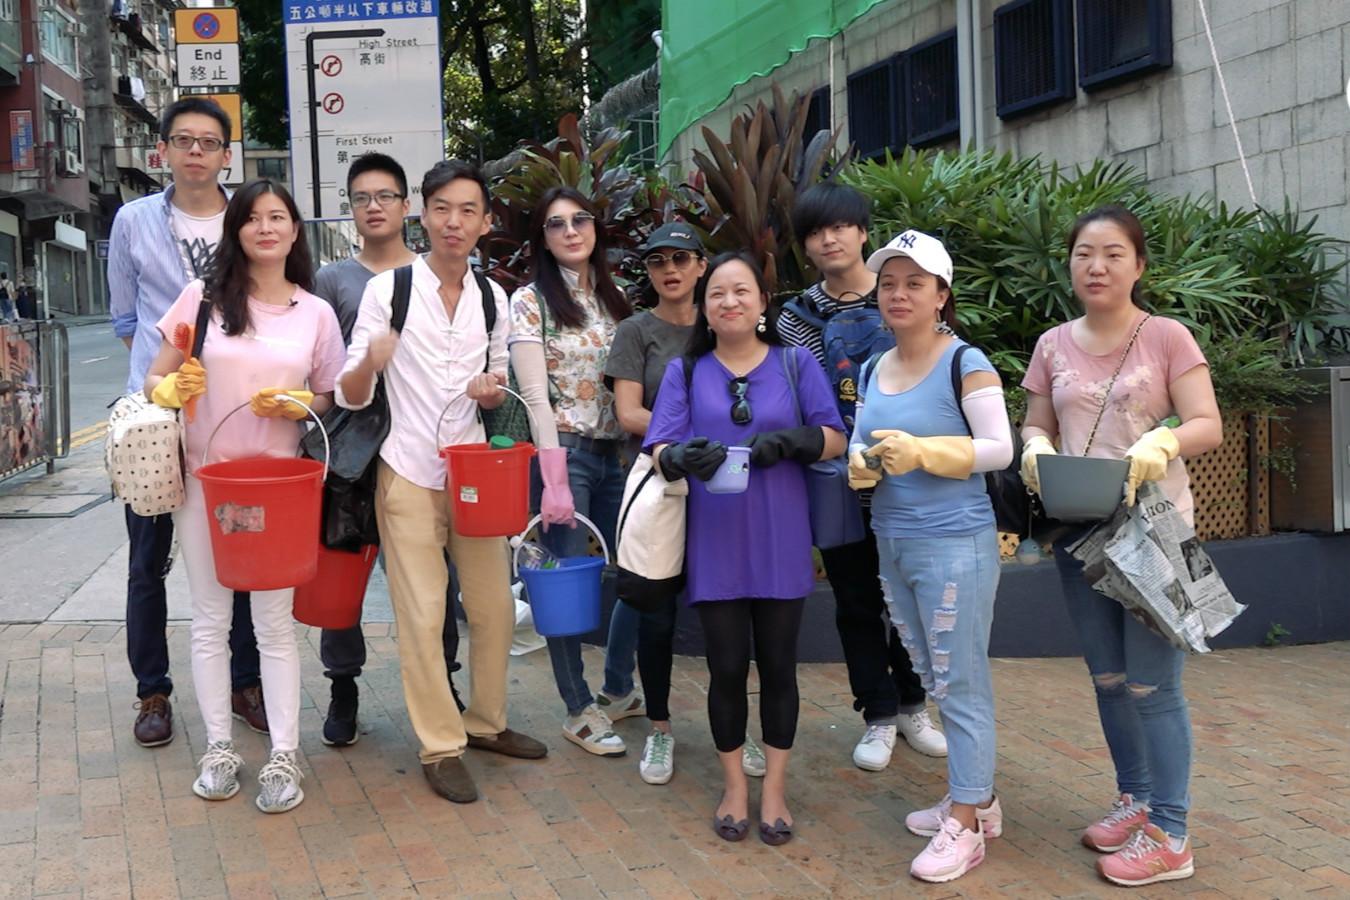 香港市民發起快閃清潔:希望暴力留下的傷痕能盡快修復